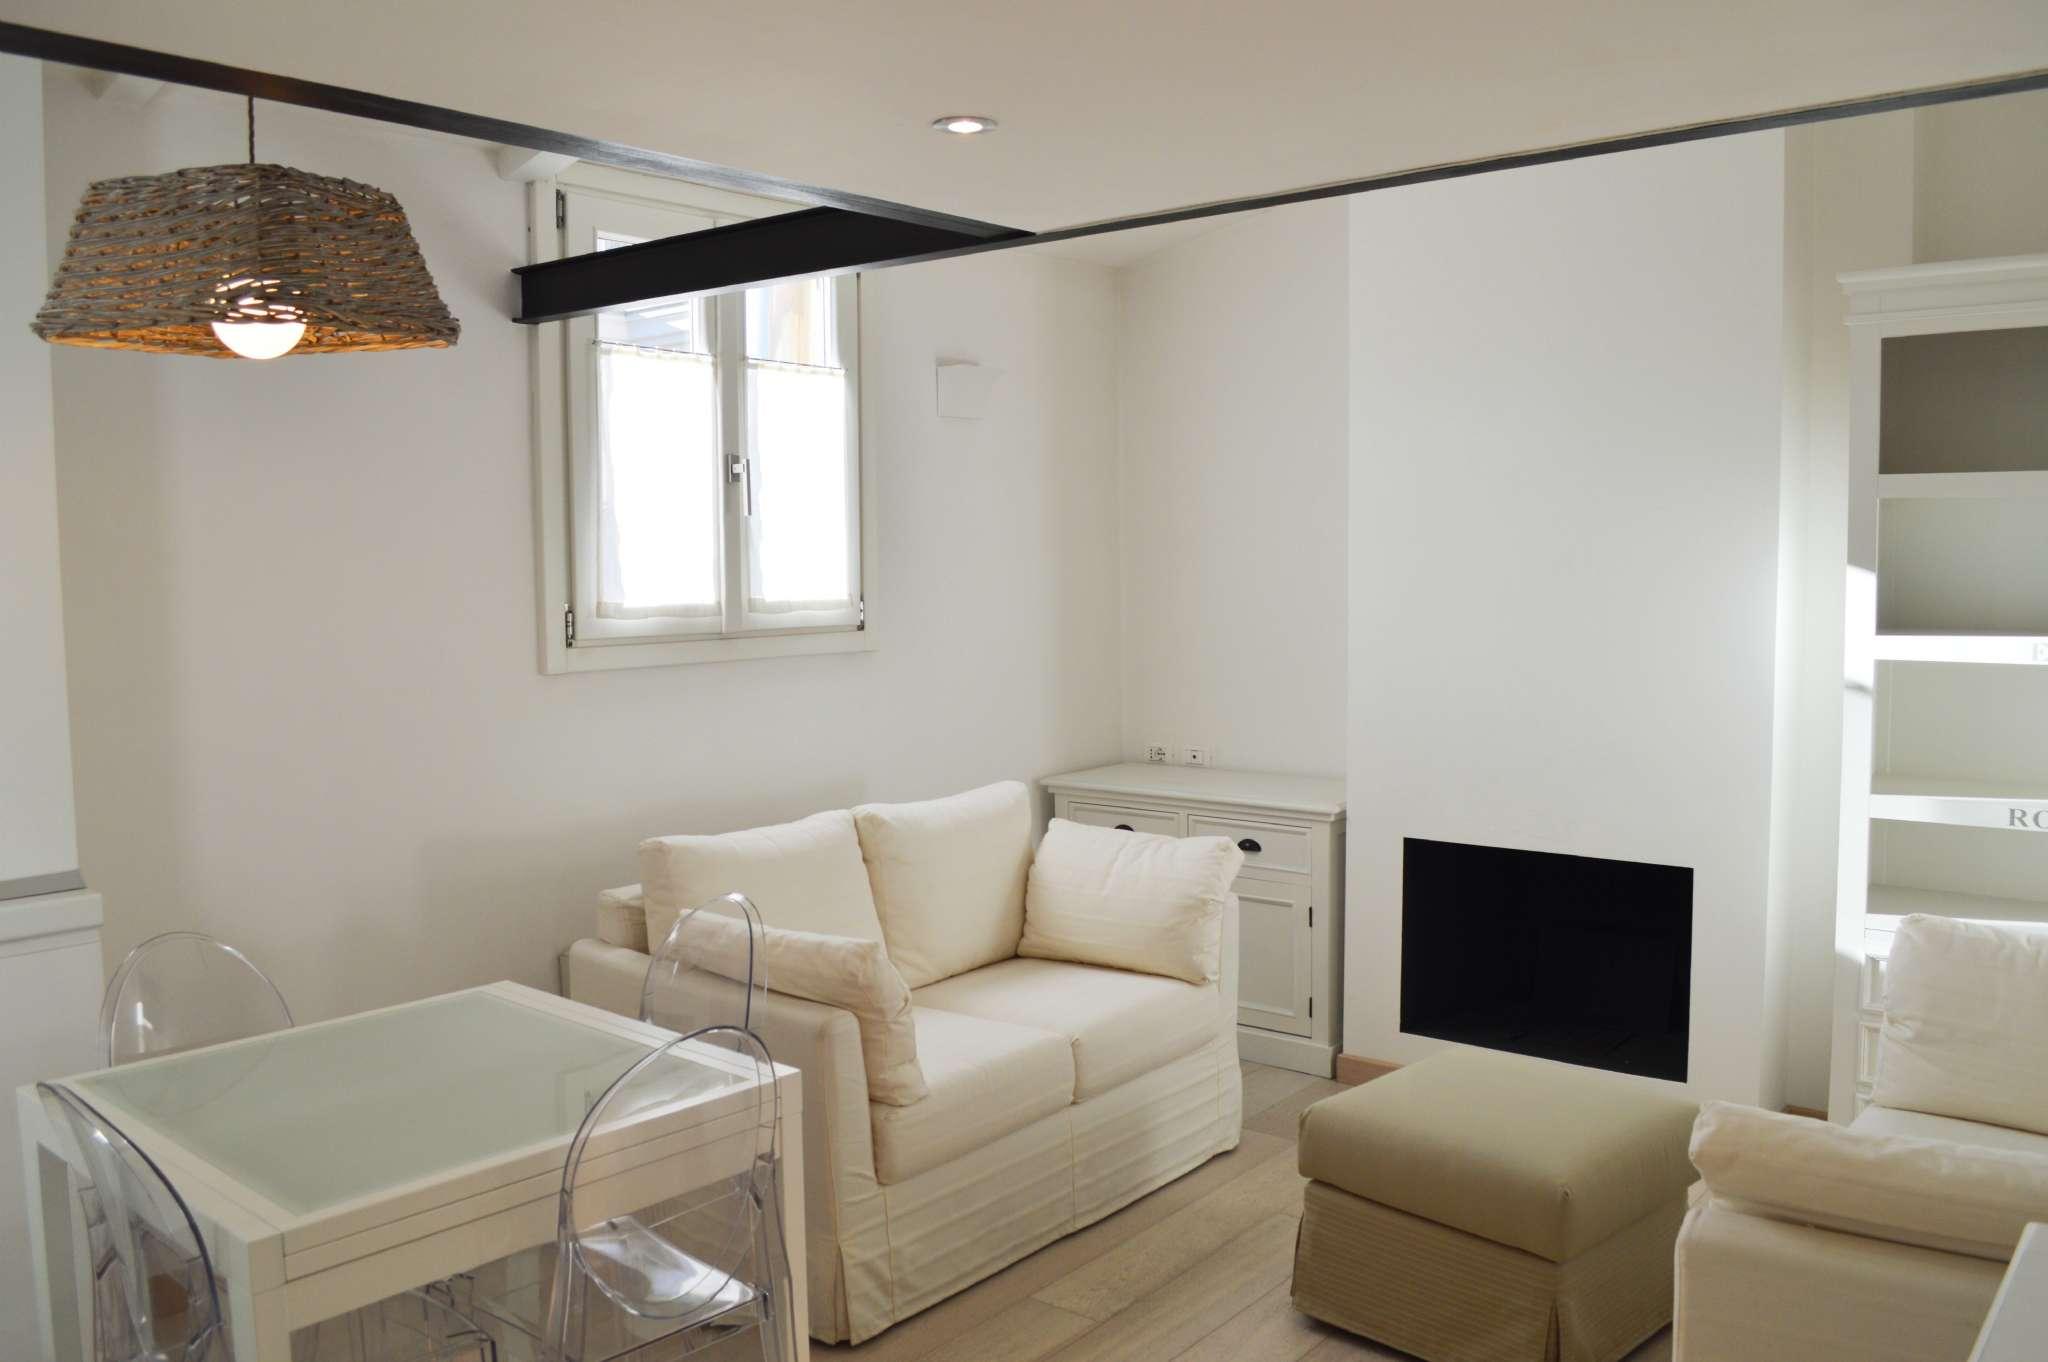 Appartamento in Affitto a Milano 01 Centro storico (Cerchia dei Navigli): 2 locali, 40 mq